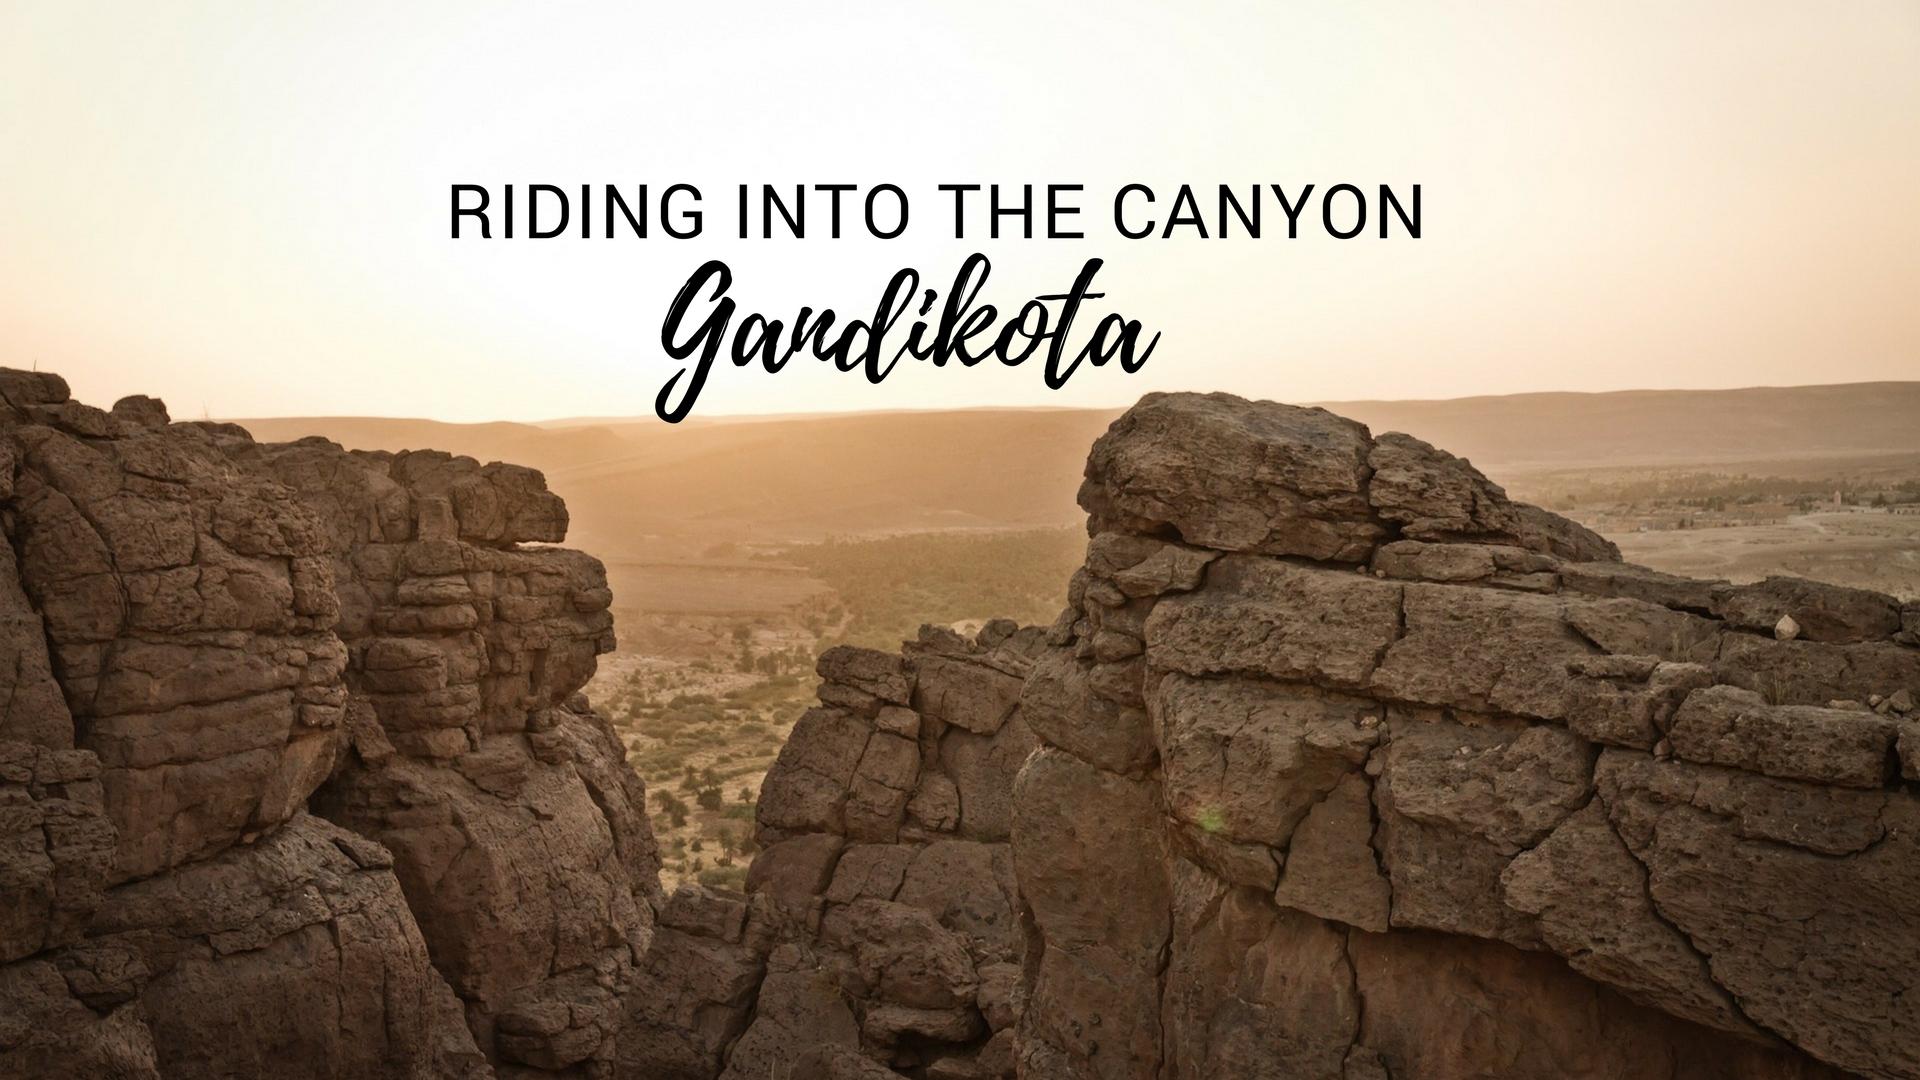 Gandikota Ride